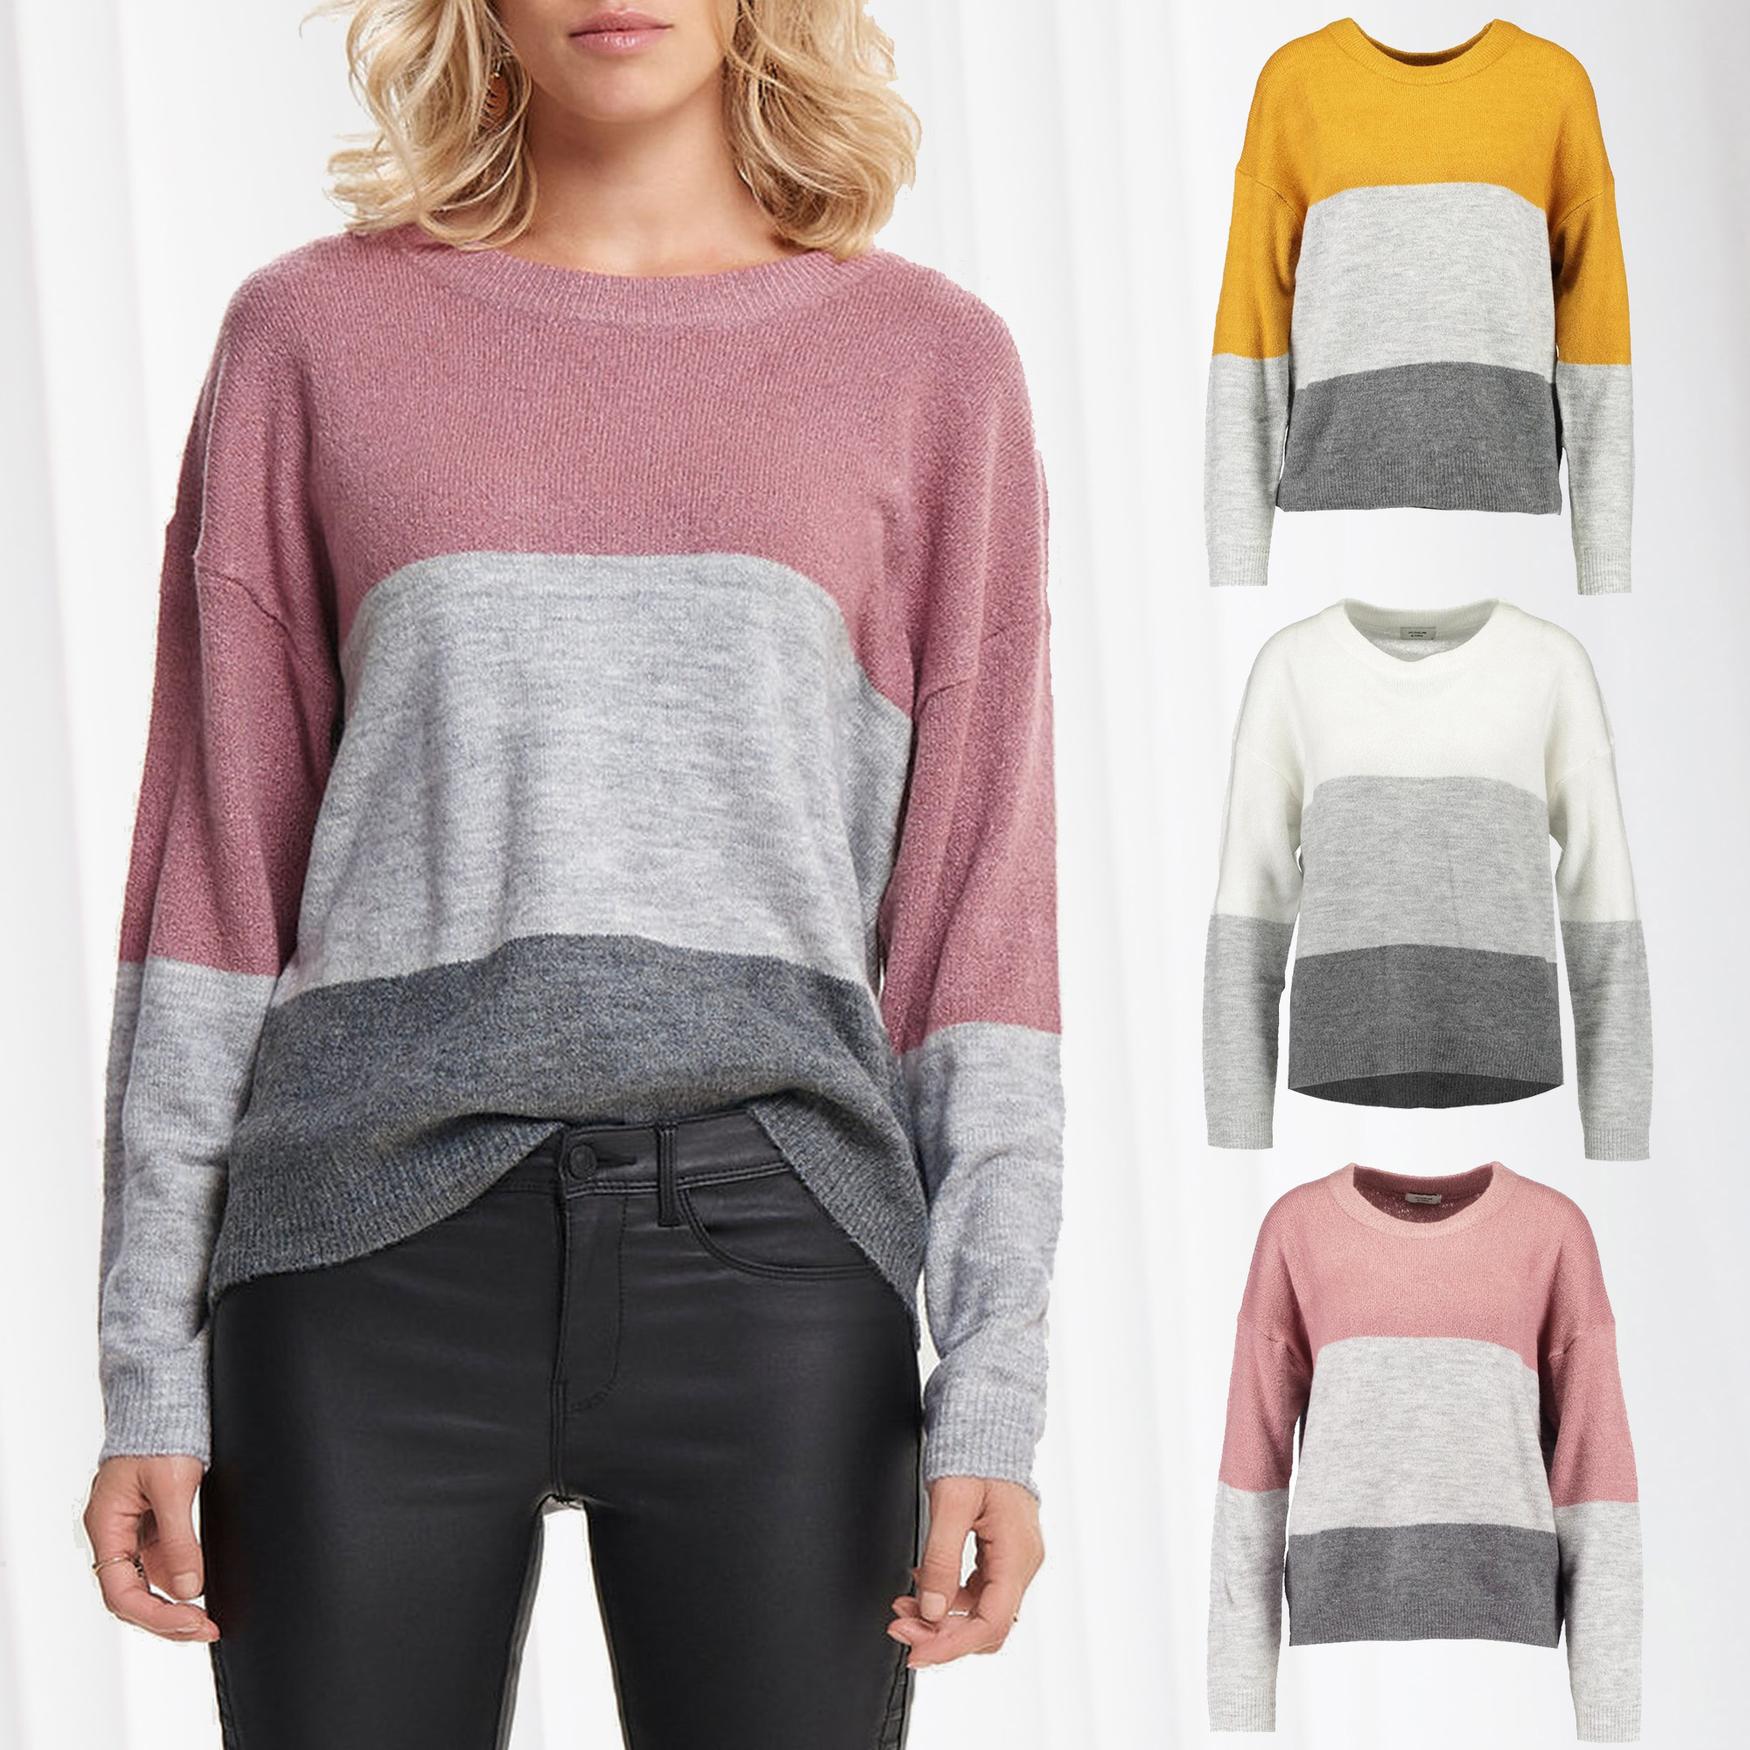 newest collection 623ab 6a5ca Details zu JDY Damen Pullover Sweat Shirt Sweater Pulli Gestreift  Jacqueline de Yong Only